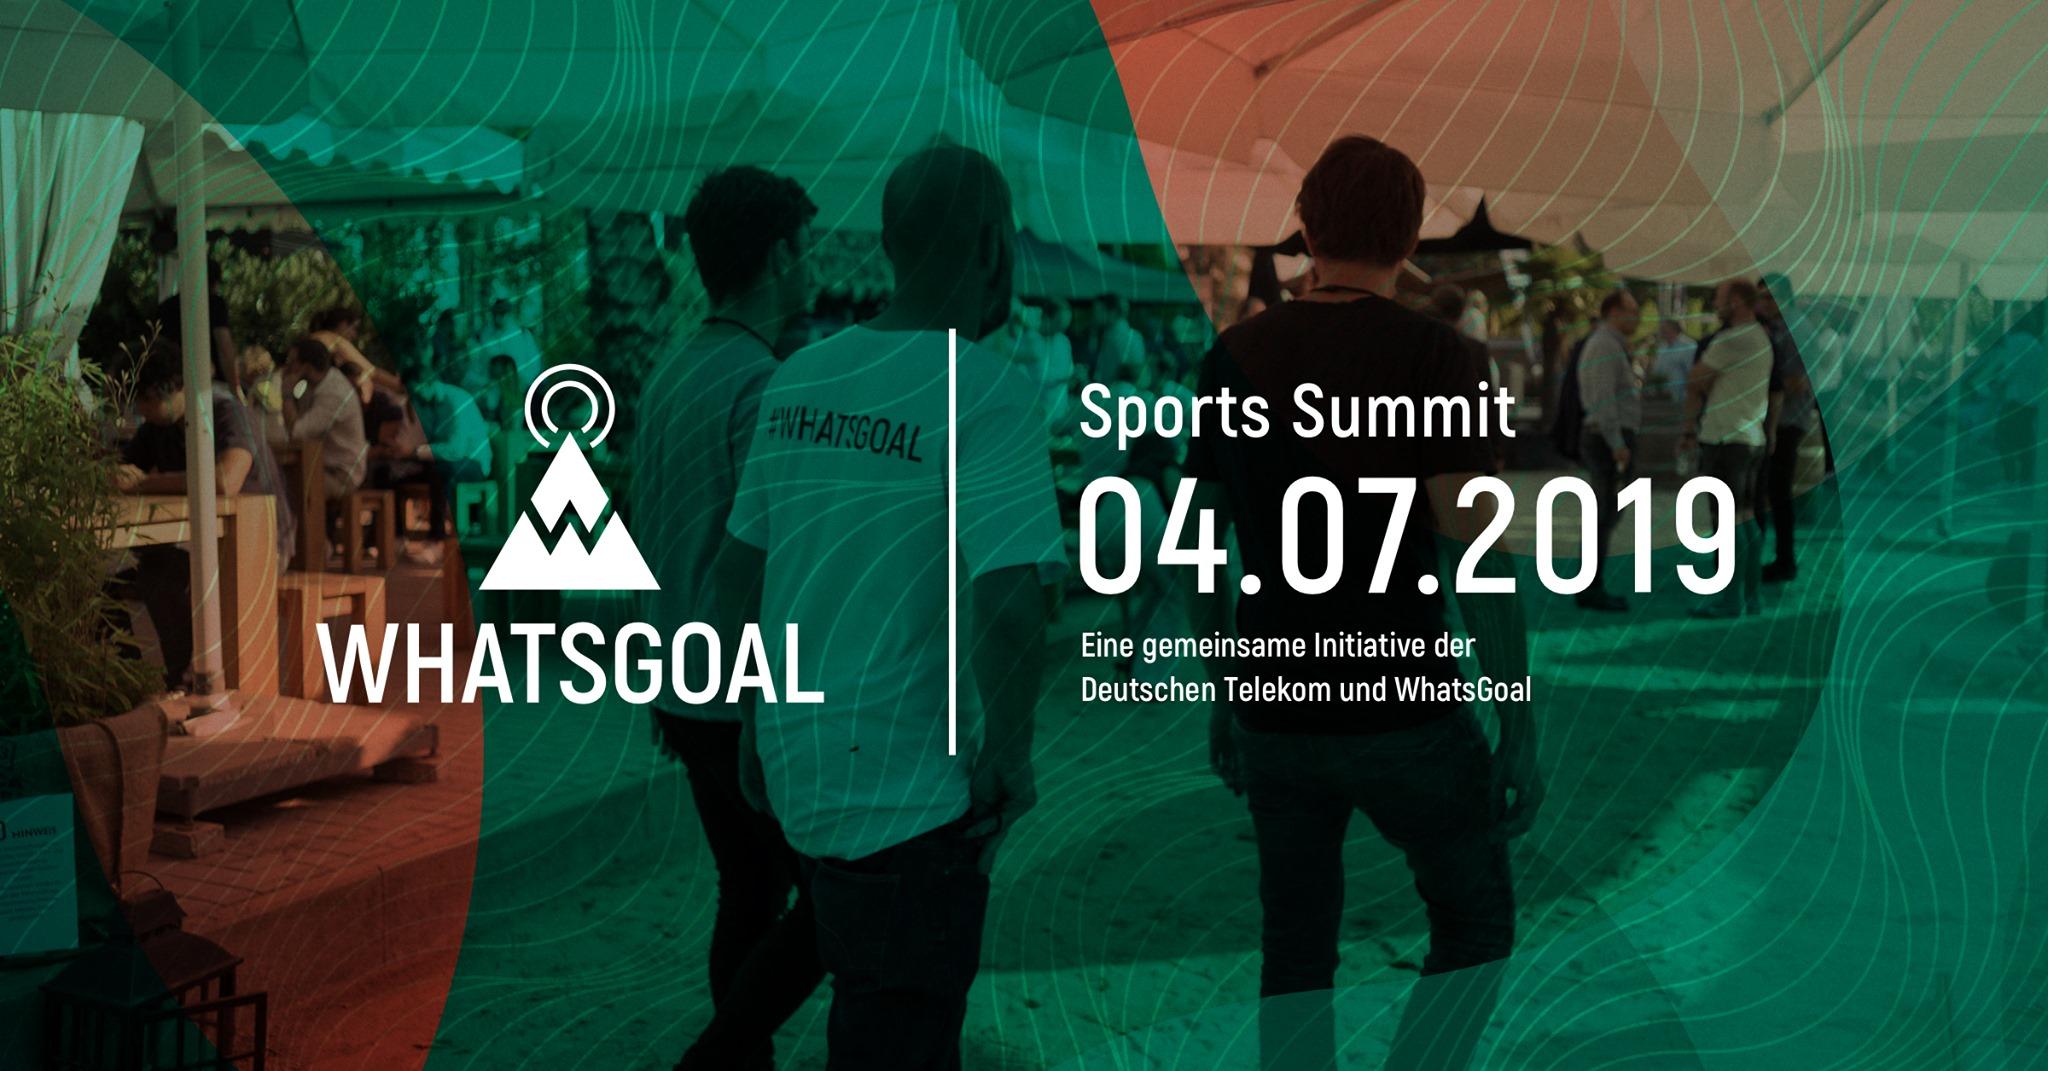 Sports Summit 2019